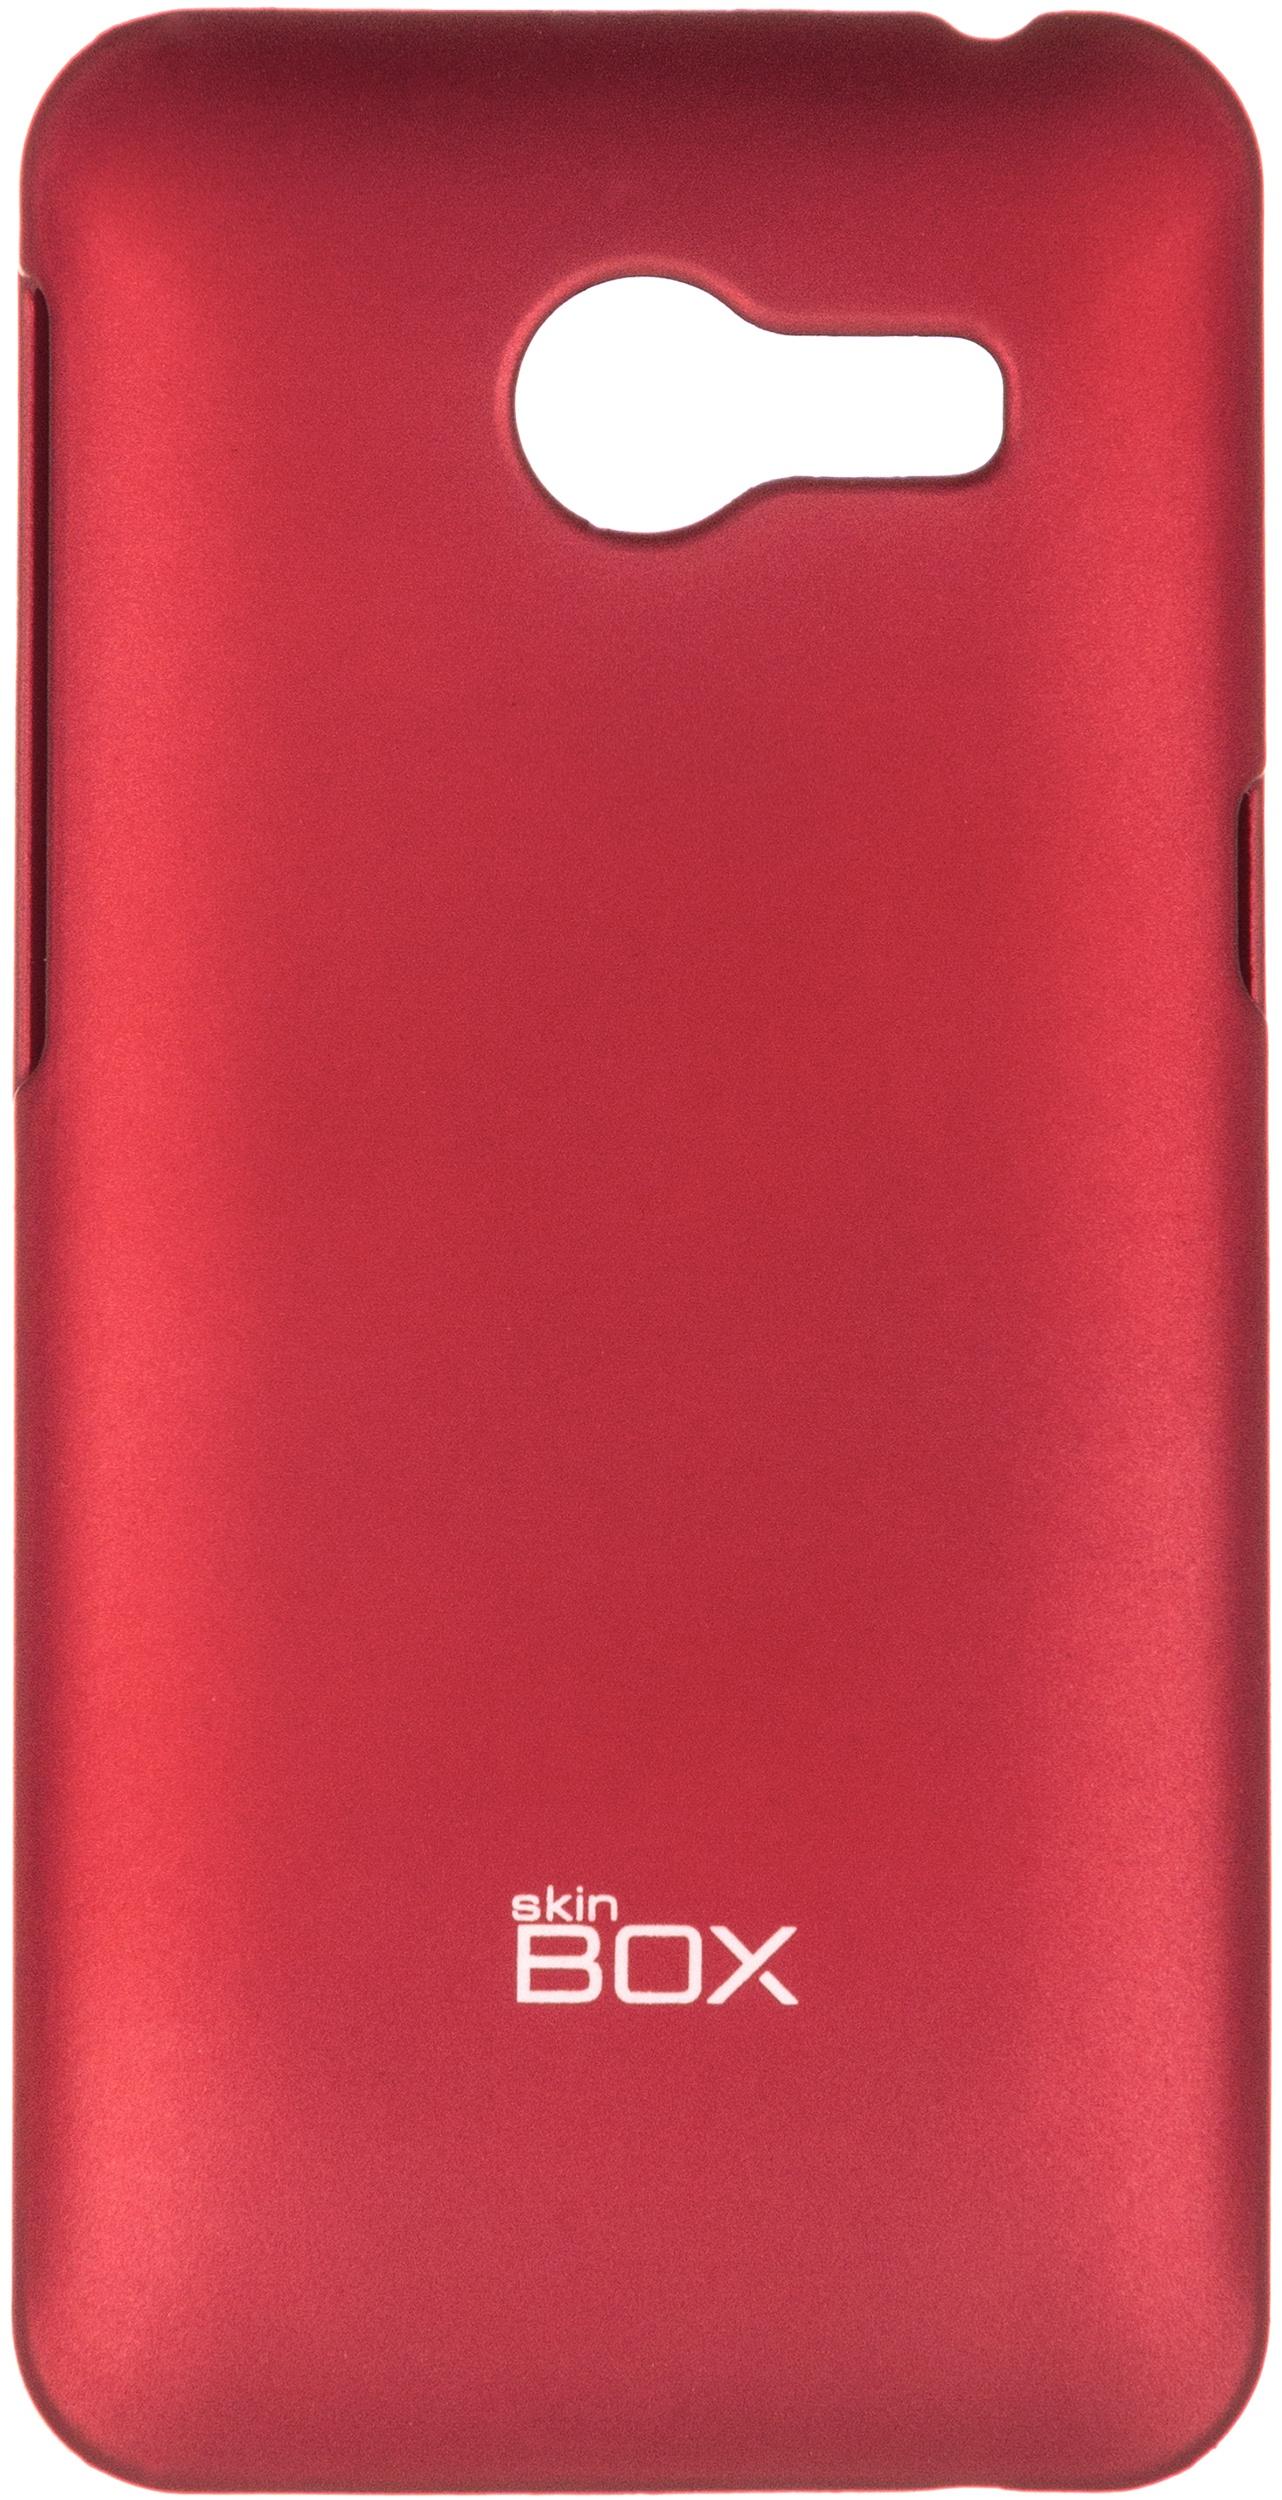 Накладка skinBOX для Asus A400CG, 2000000060873, красный чехлы накладки для телефонов кпк asus a450cg zenfone4 a450cg 4 5